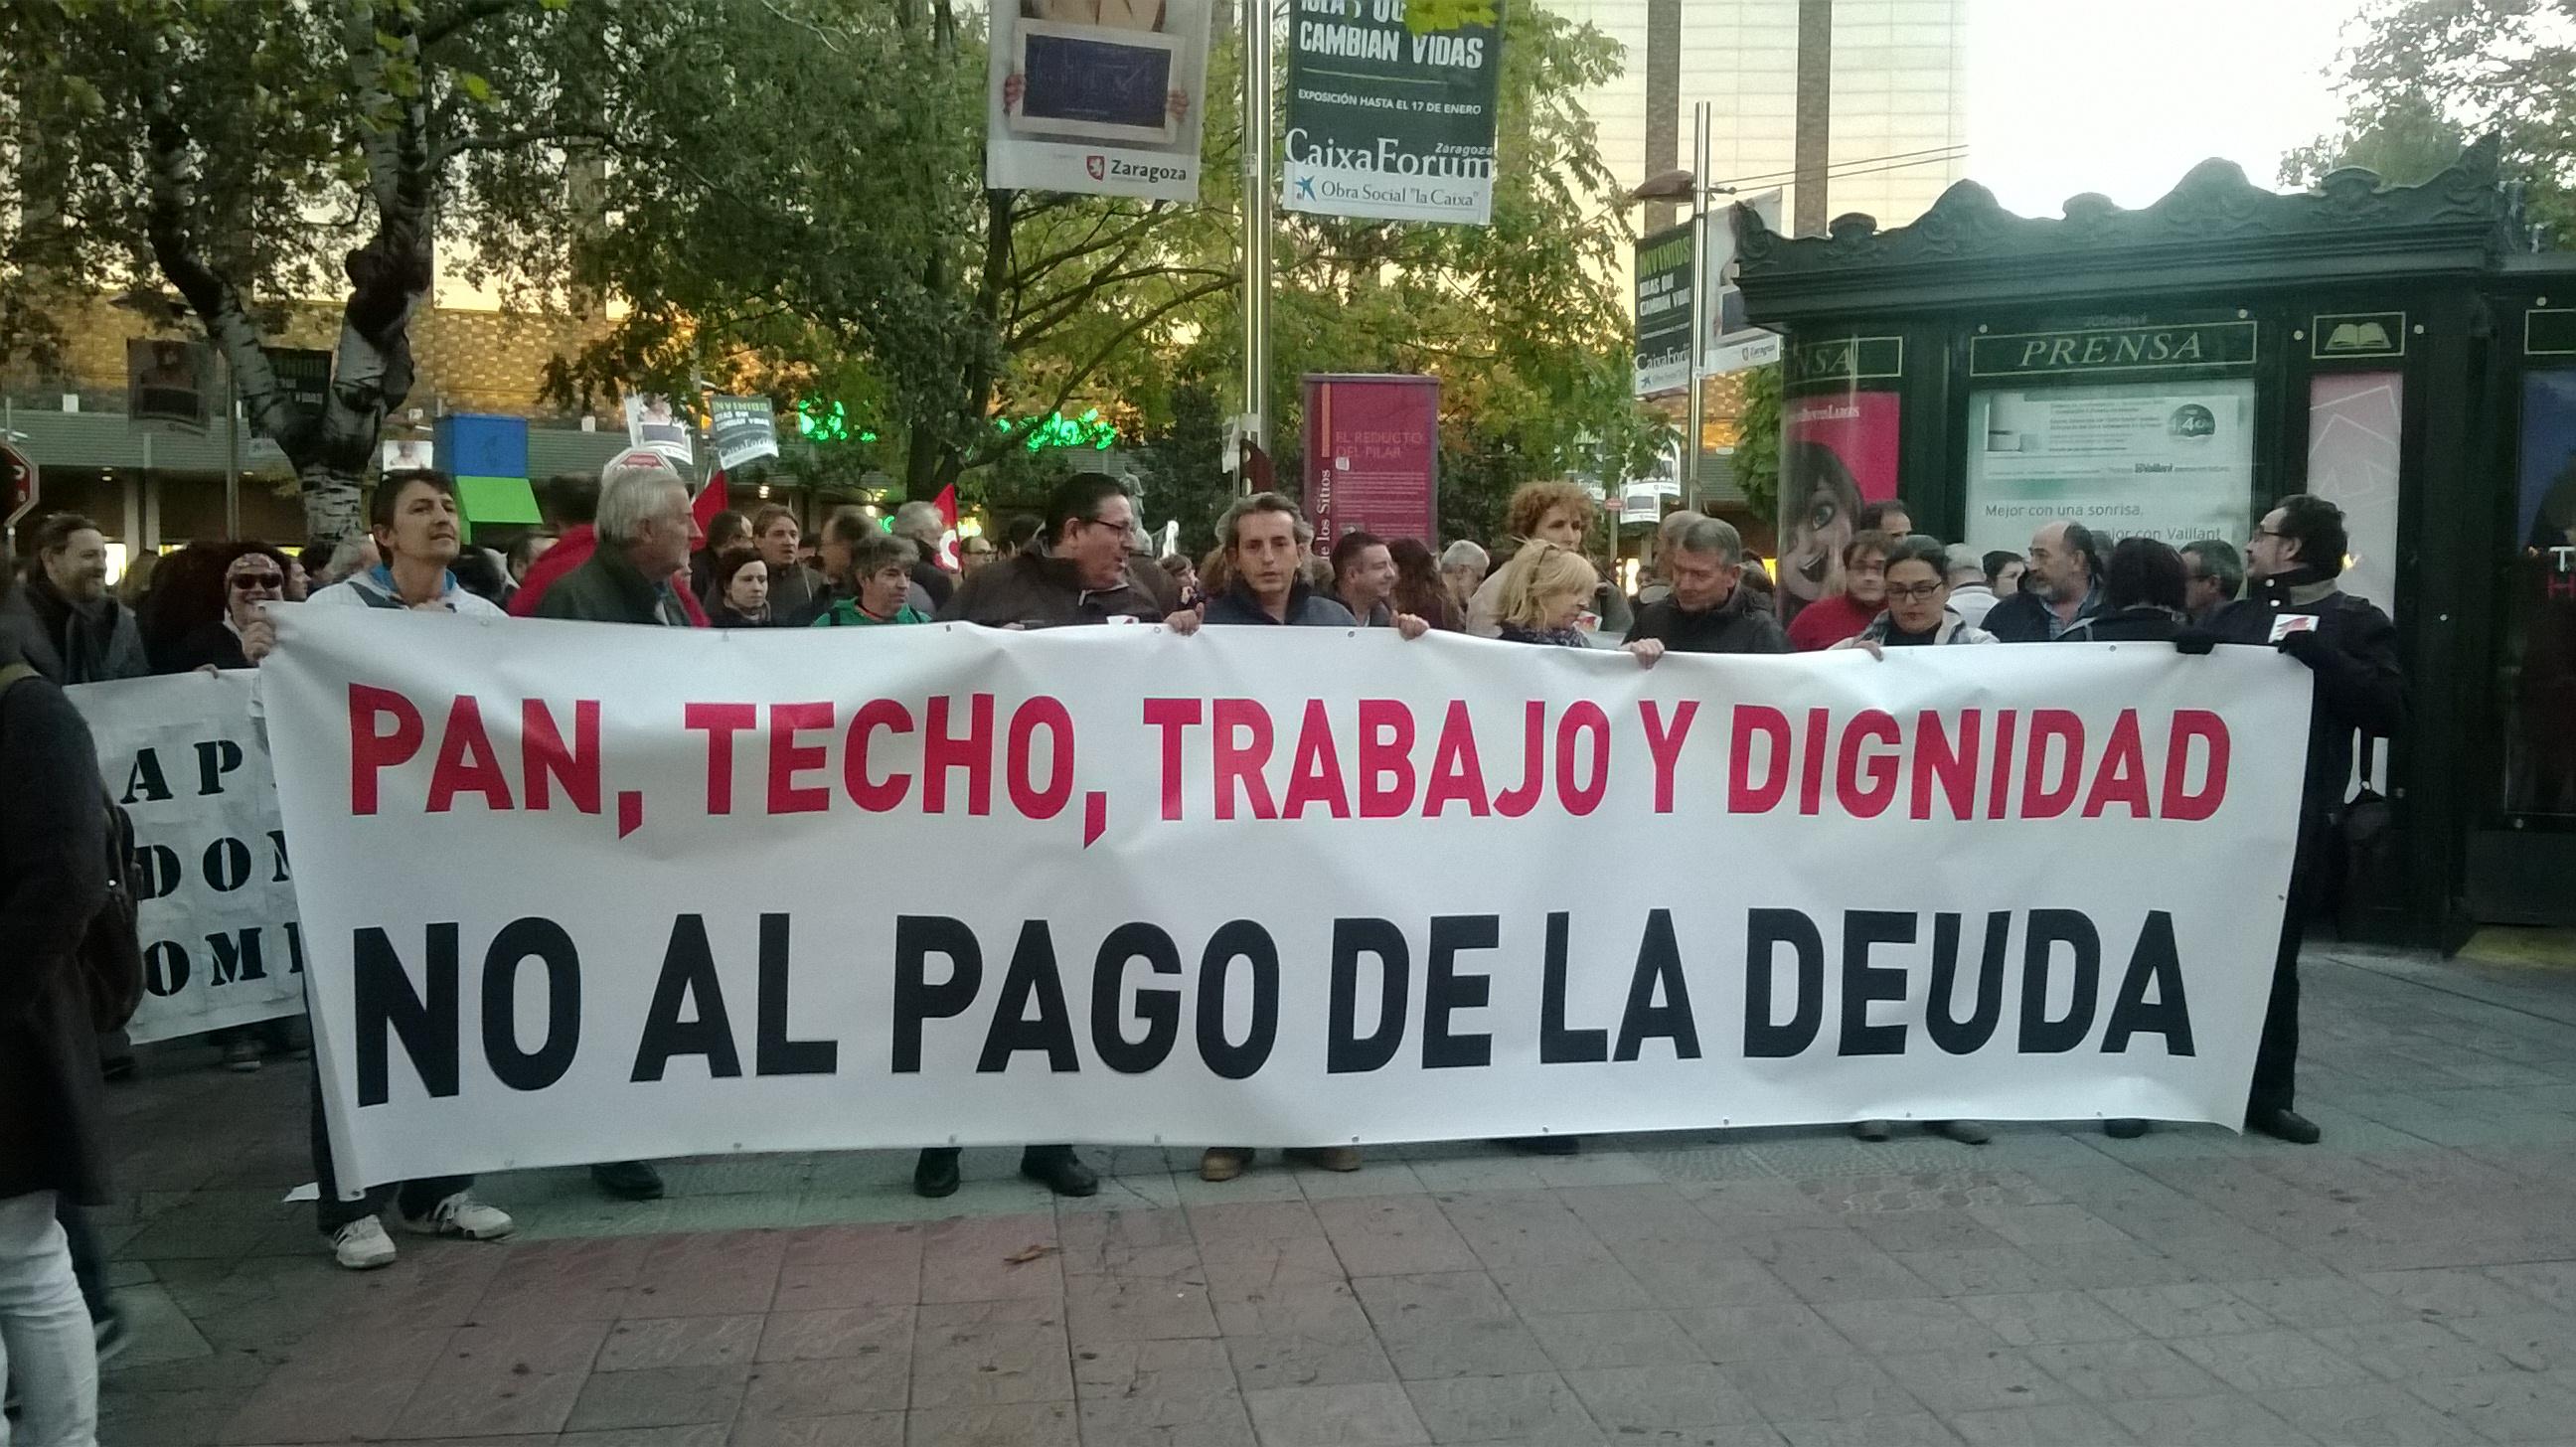 22O.Las calles piden dignidad y No al pago de la Deuda